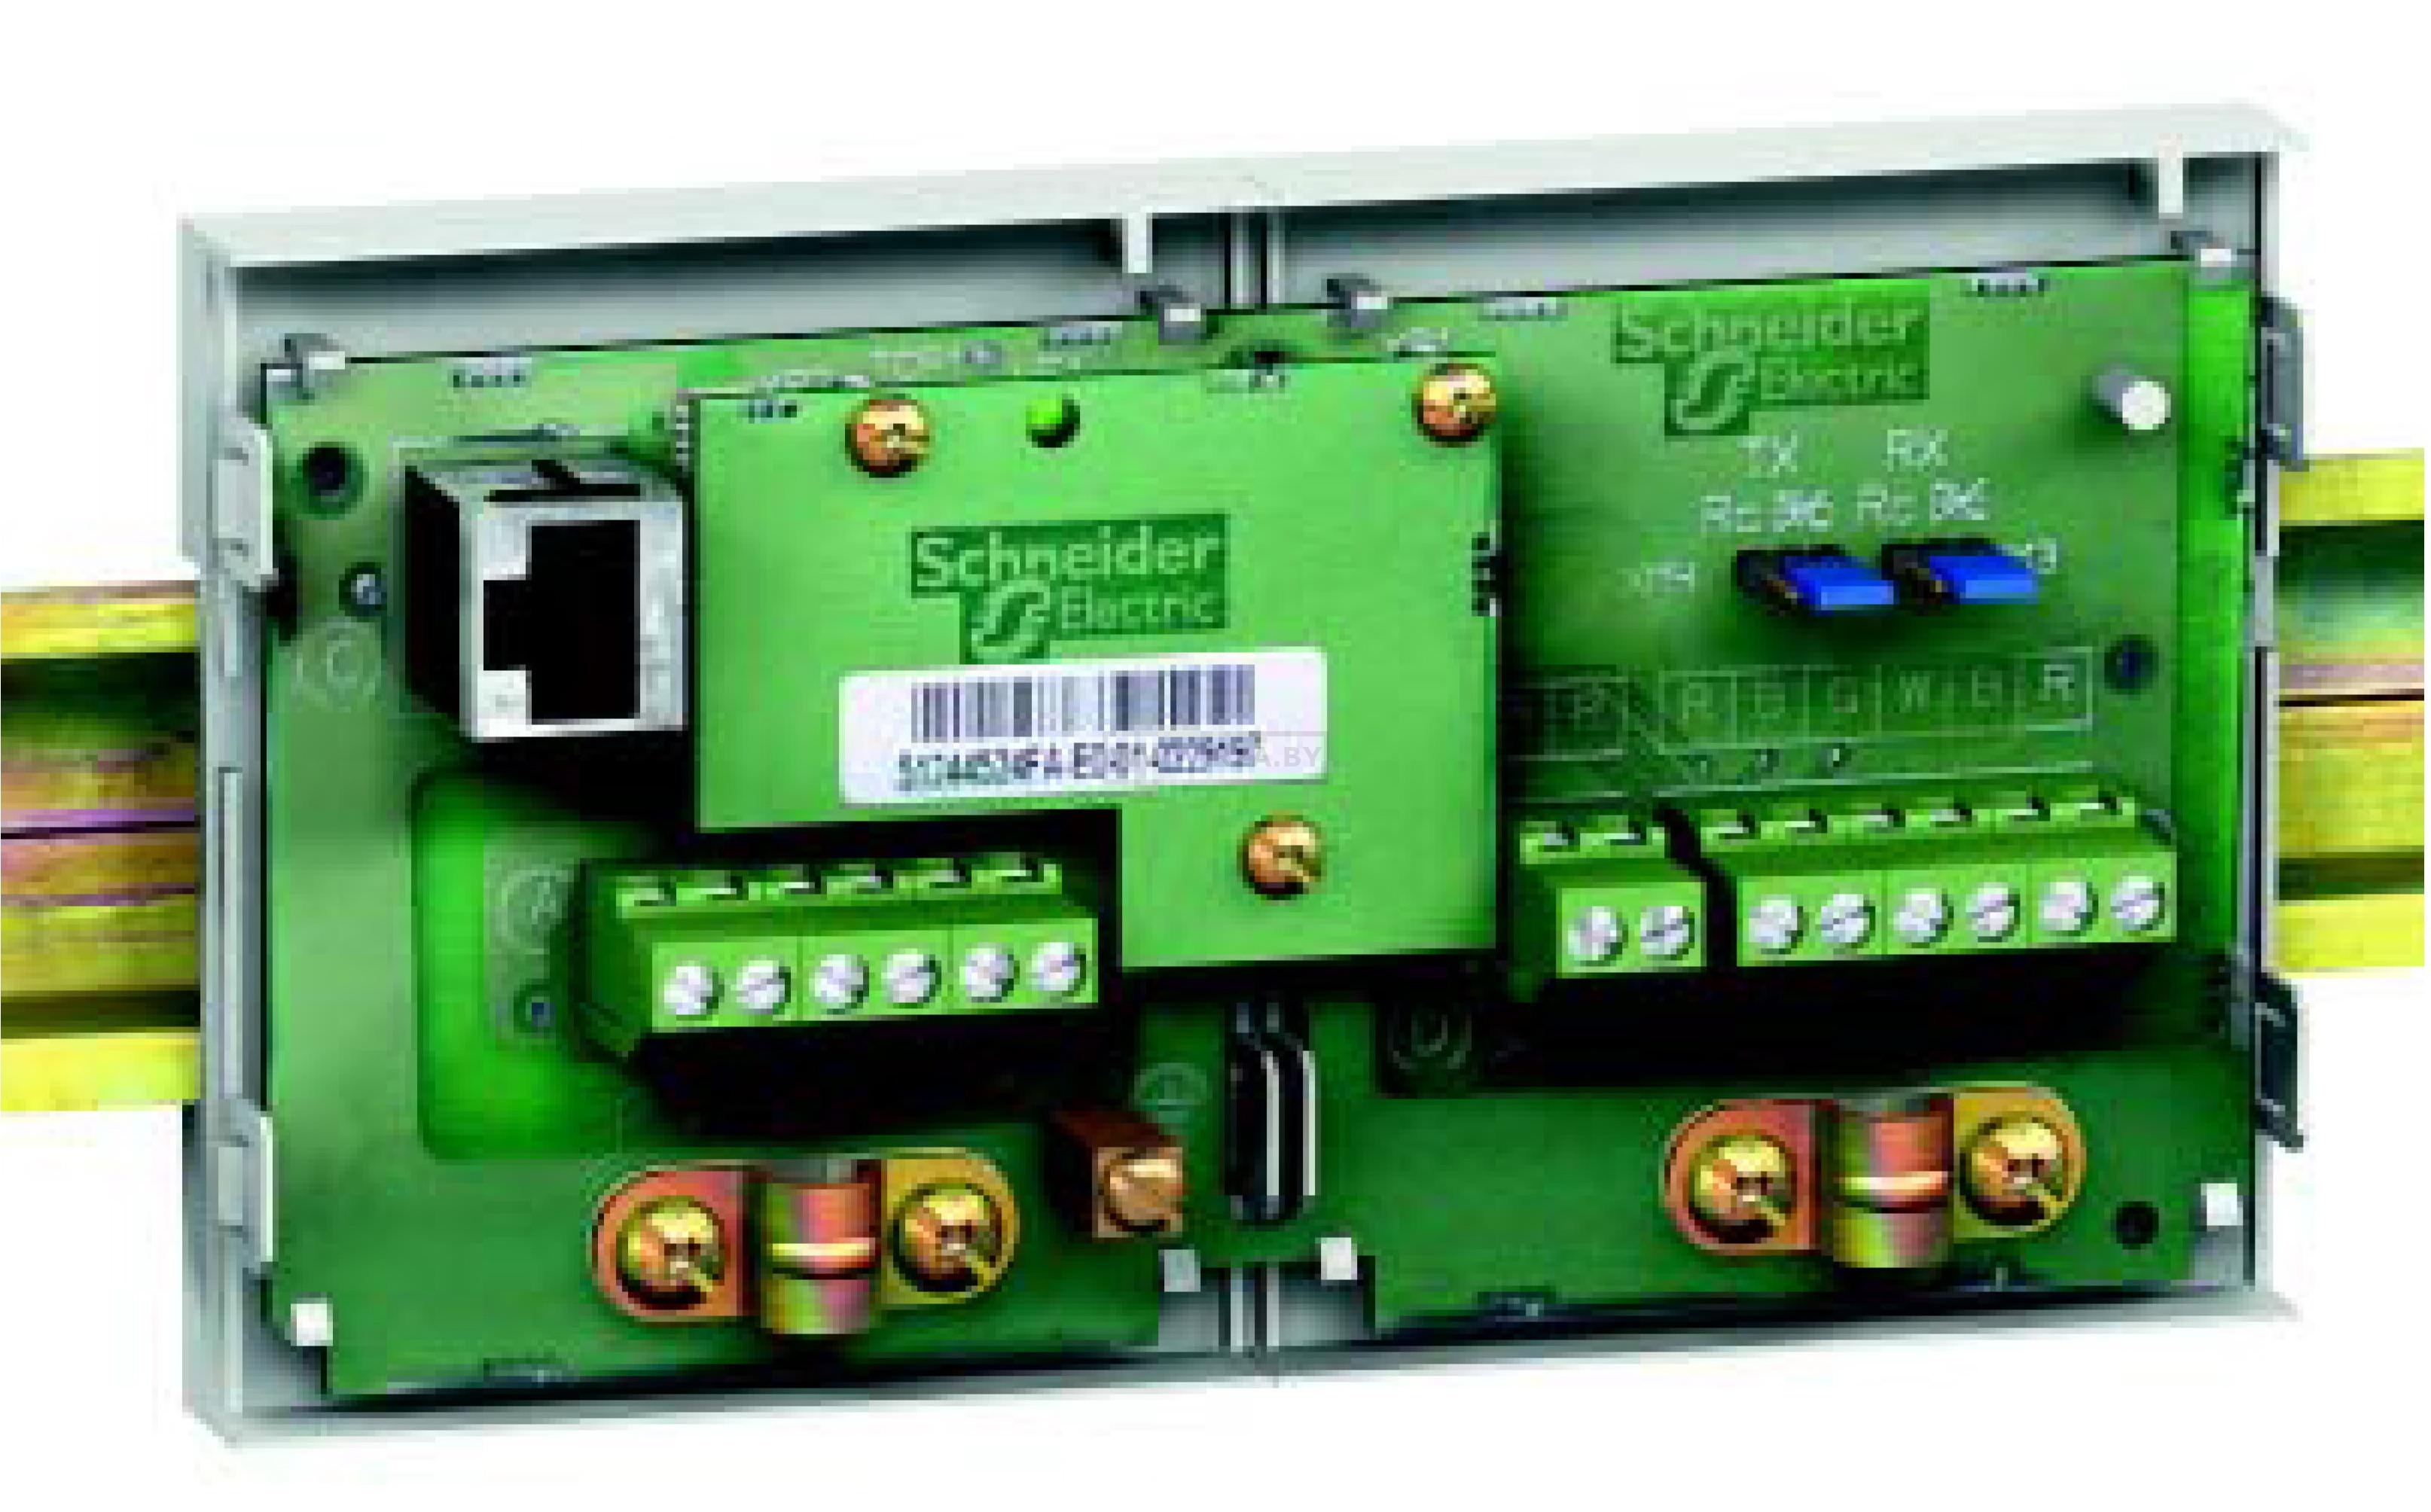 Sepam Оборудование связи,модуль оптоволоконной линии связи Modbus, без кабеля ССА 612 59644 Schneider Electric